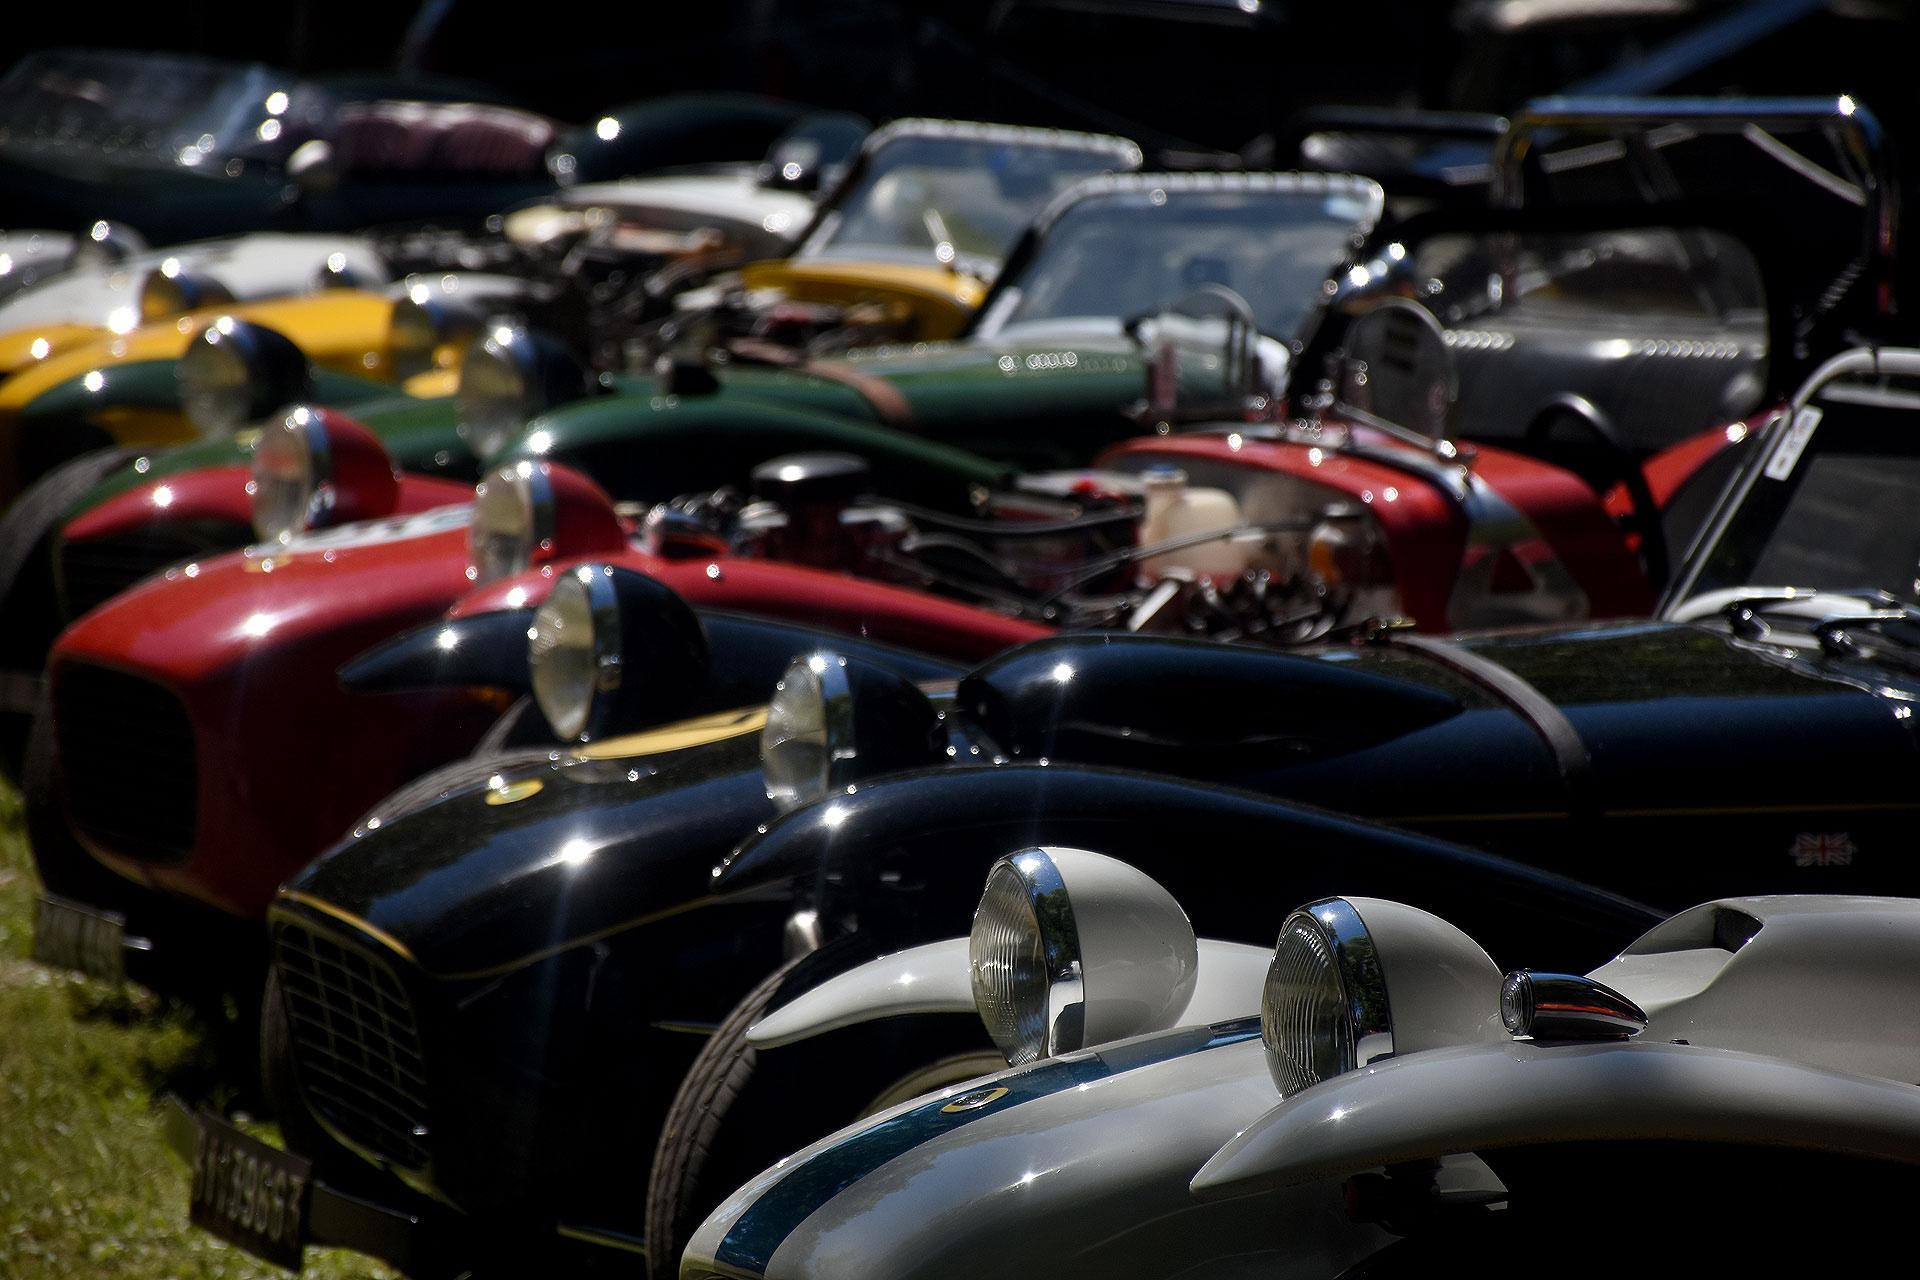 Edición 18° de Autoclásica, una exposición de vehículos clásicos, antiguos, históricos y célebres.